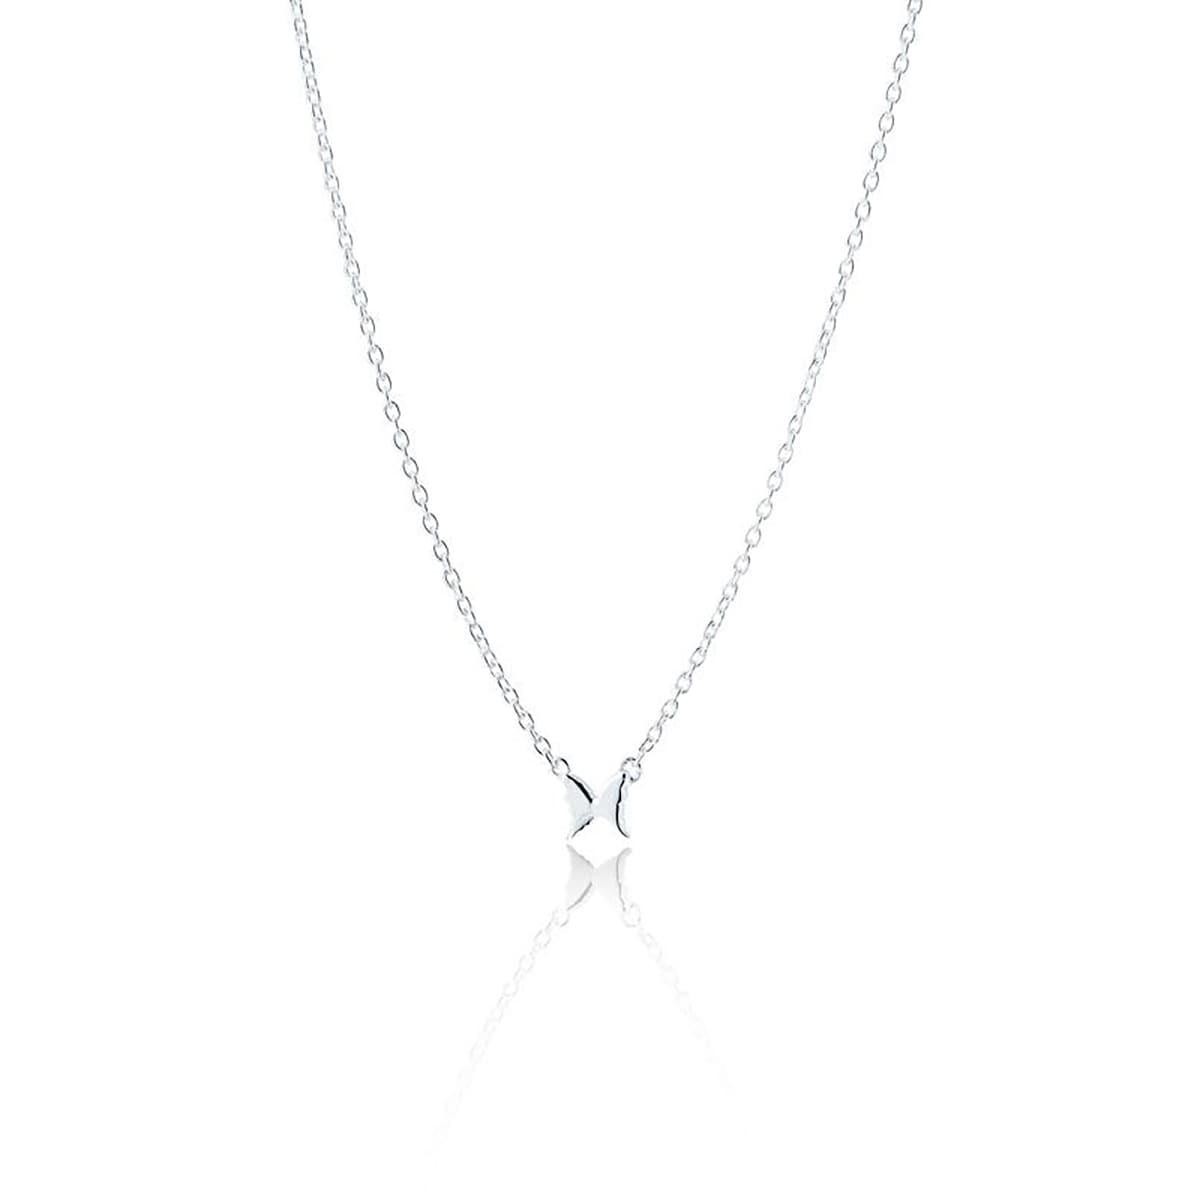 Gynning_Jewelry_18-s107-900-01_hos_Jarl_Sandin